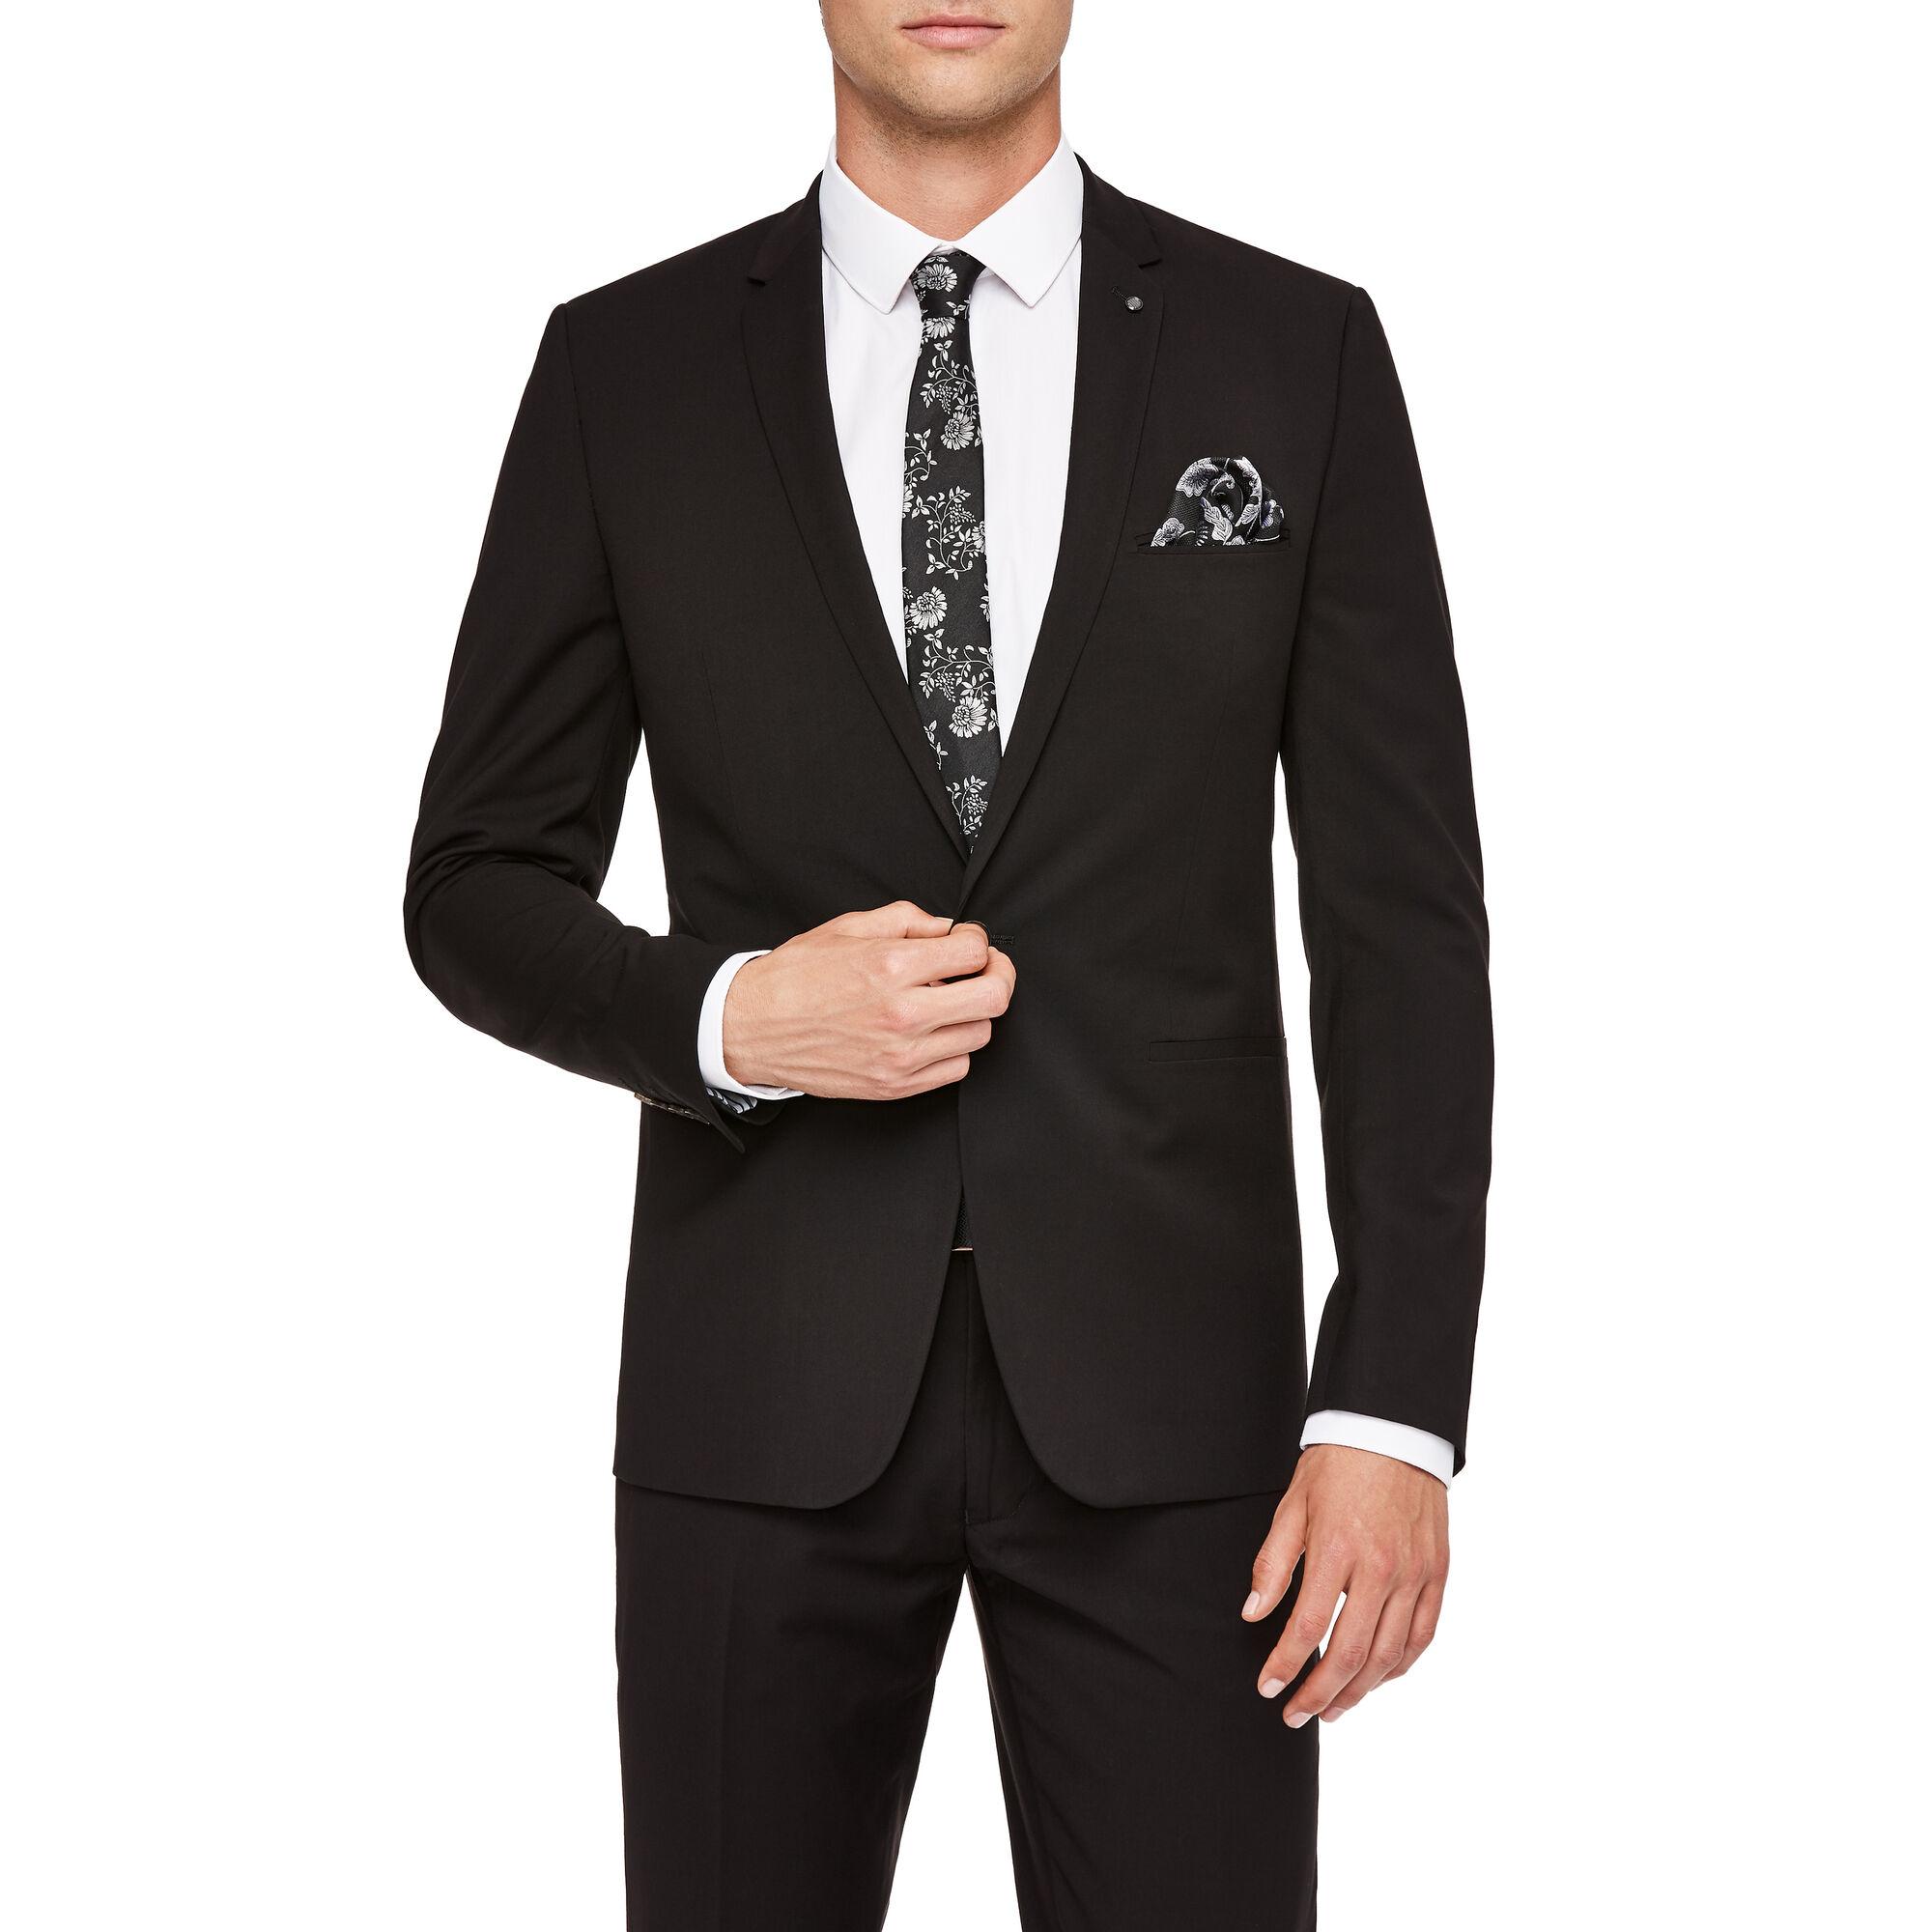 Fenwick - Black - Ultra Slim One Button Suit Jacket | Suit ...